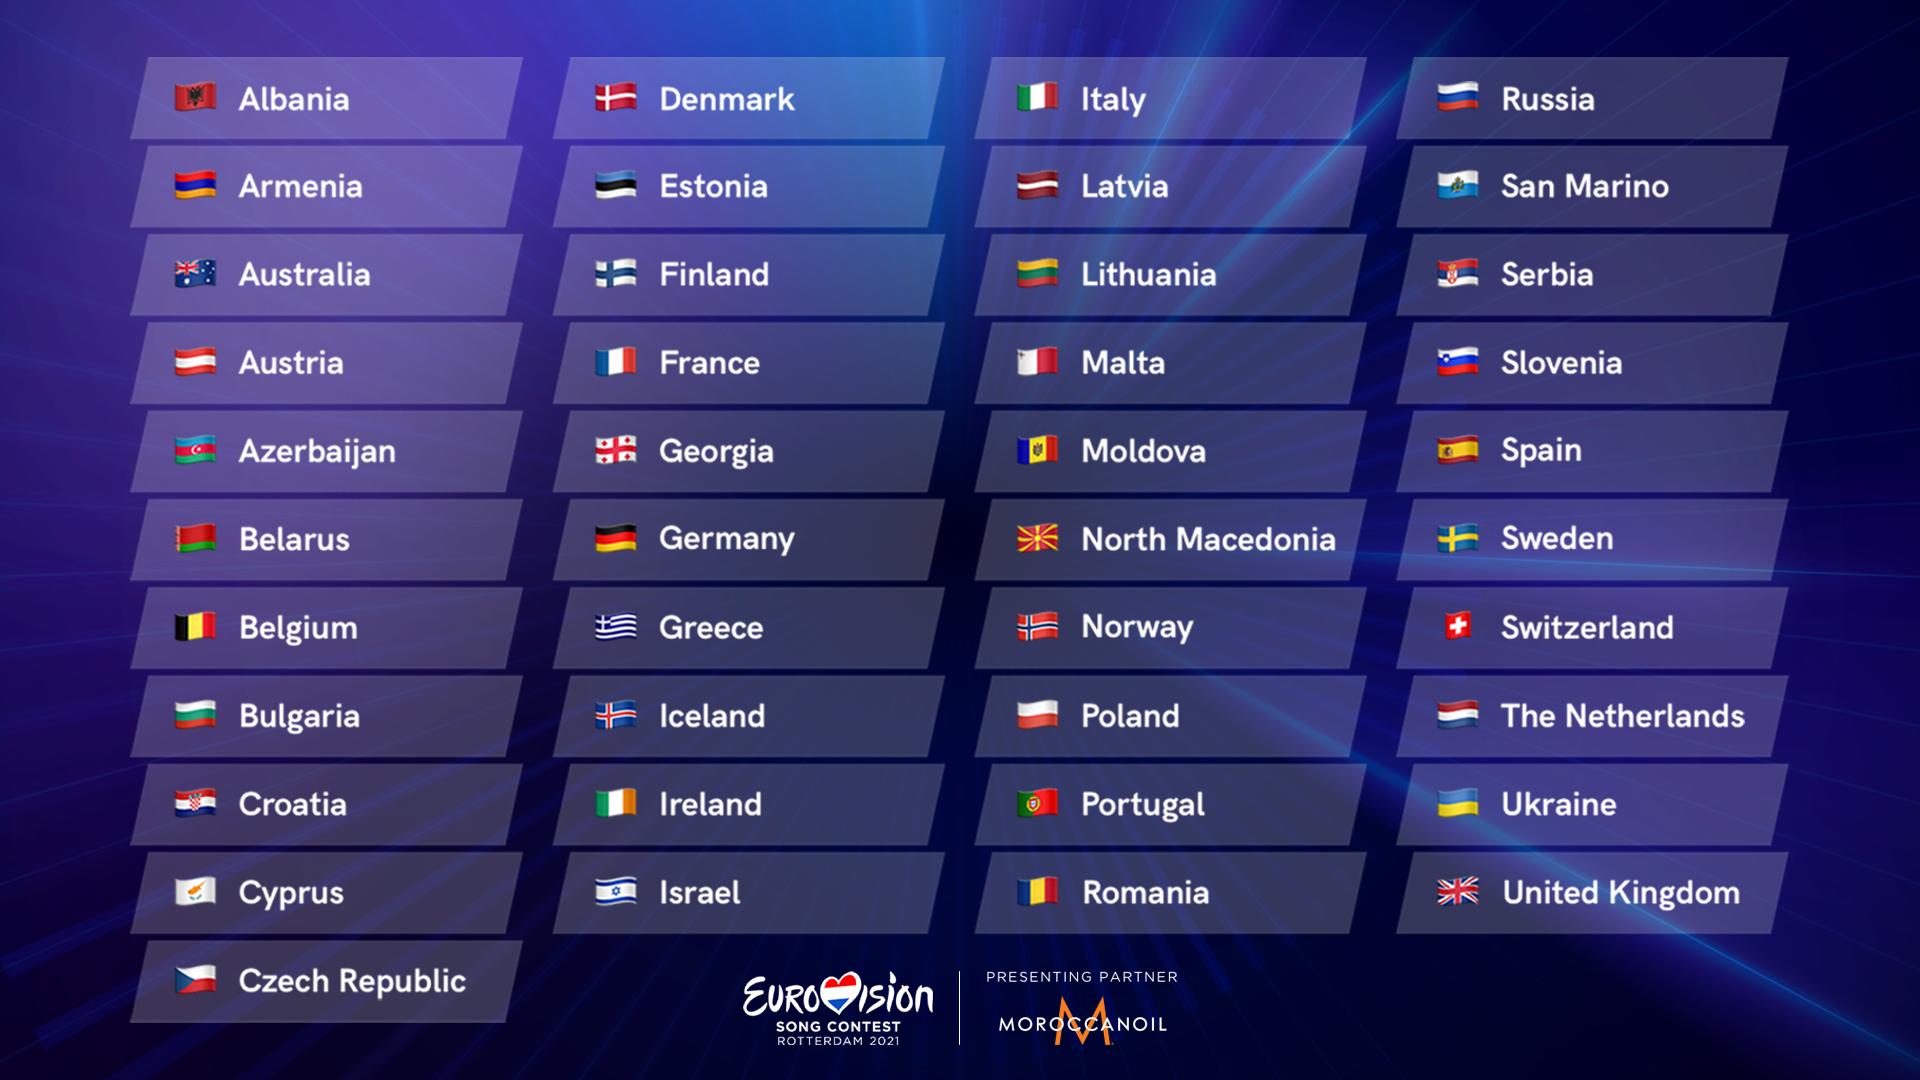 41 landen nemen deel aan het Eurovisie Songfestival 2021